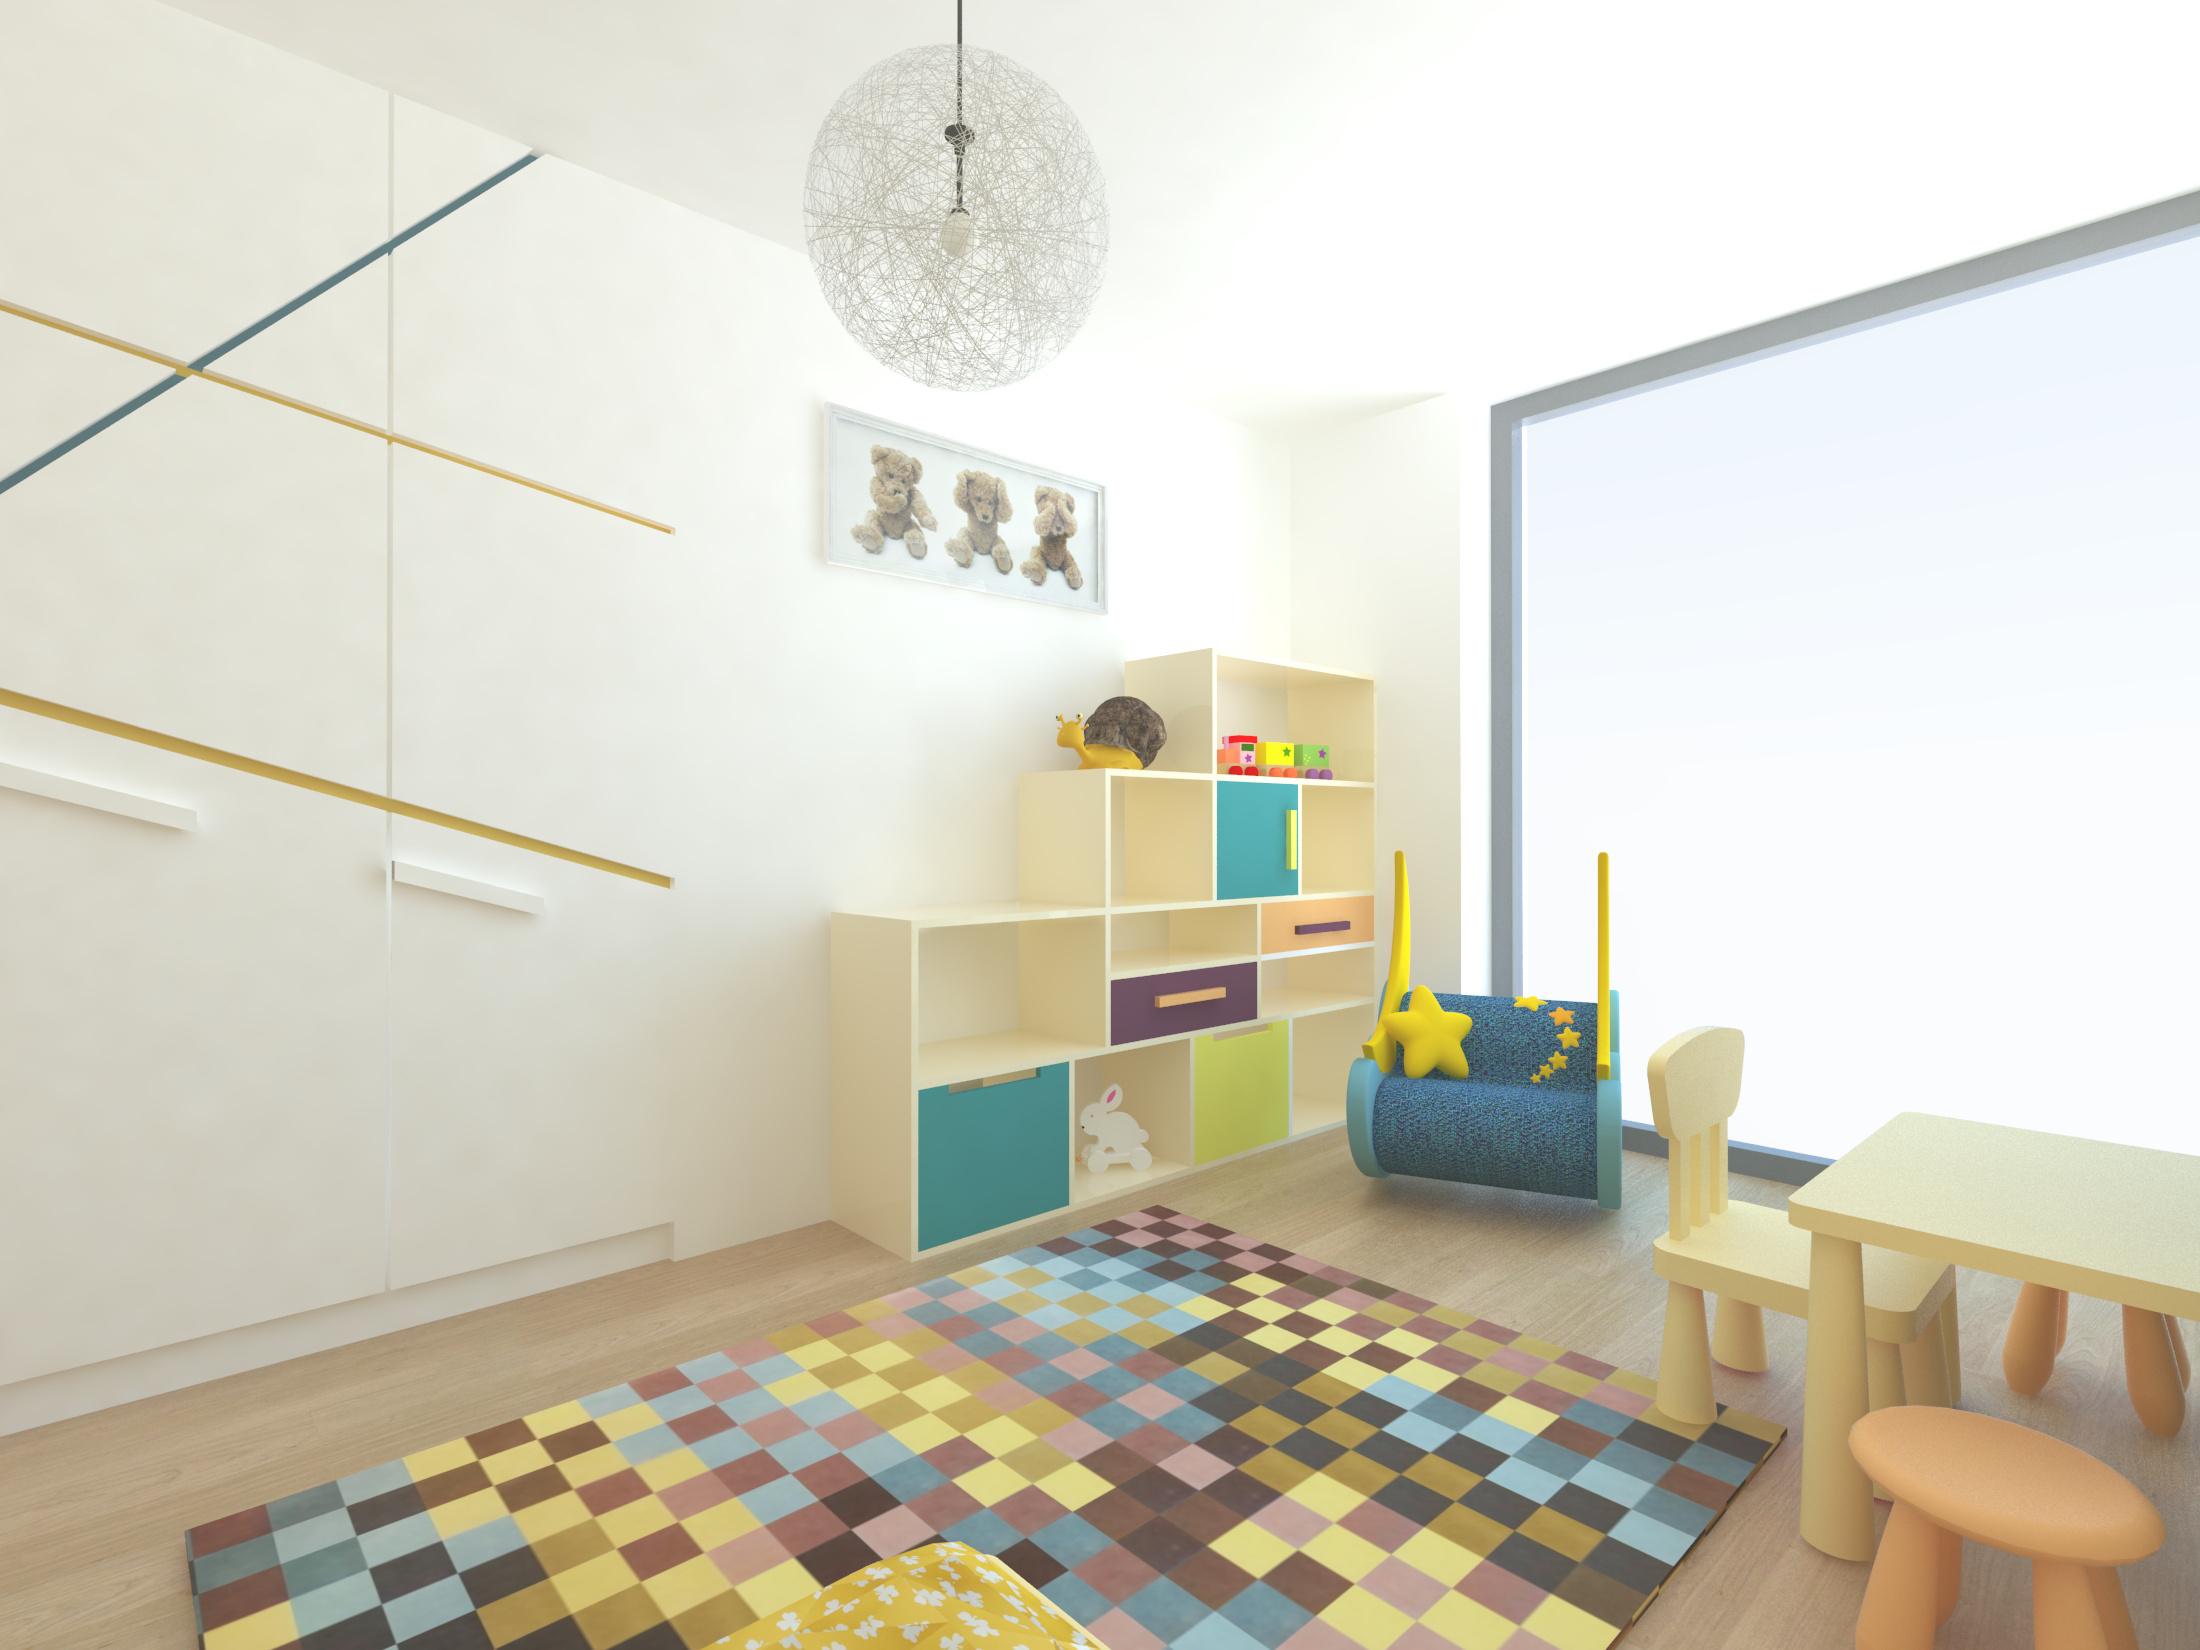 Škola dizajnu: Pred návrhom interiéru